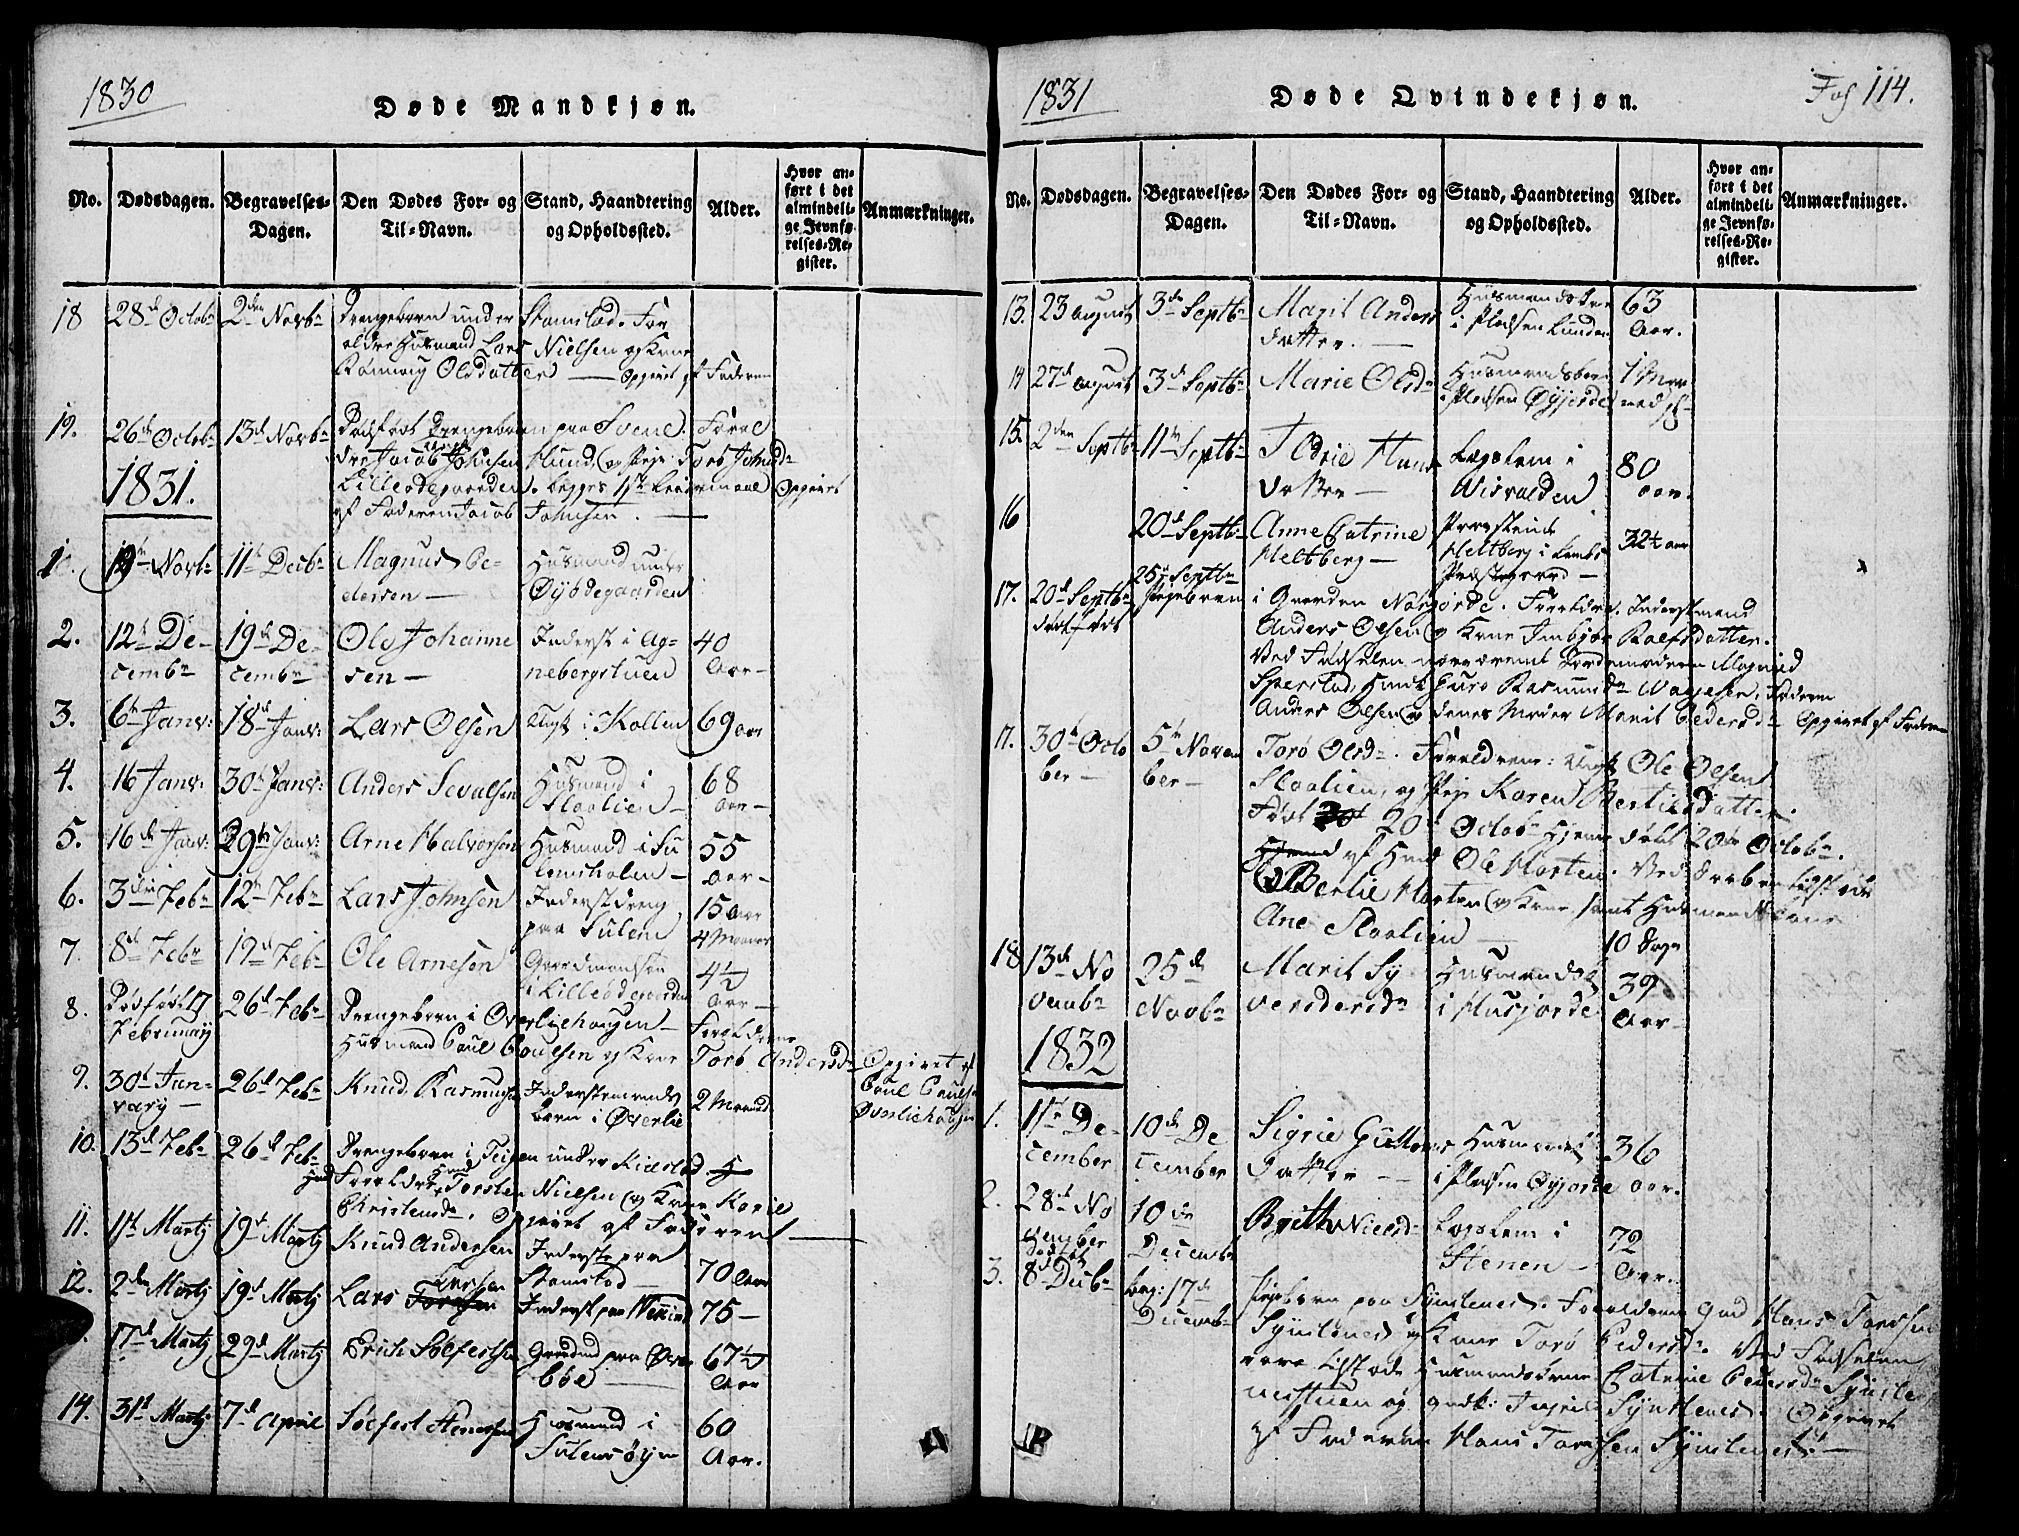 SAH, Lom prestekontor, L/L0001: Klokkerbok nr. 1, 1815-1836, s. 114